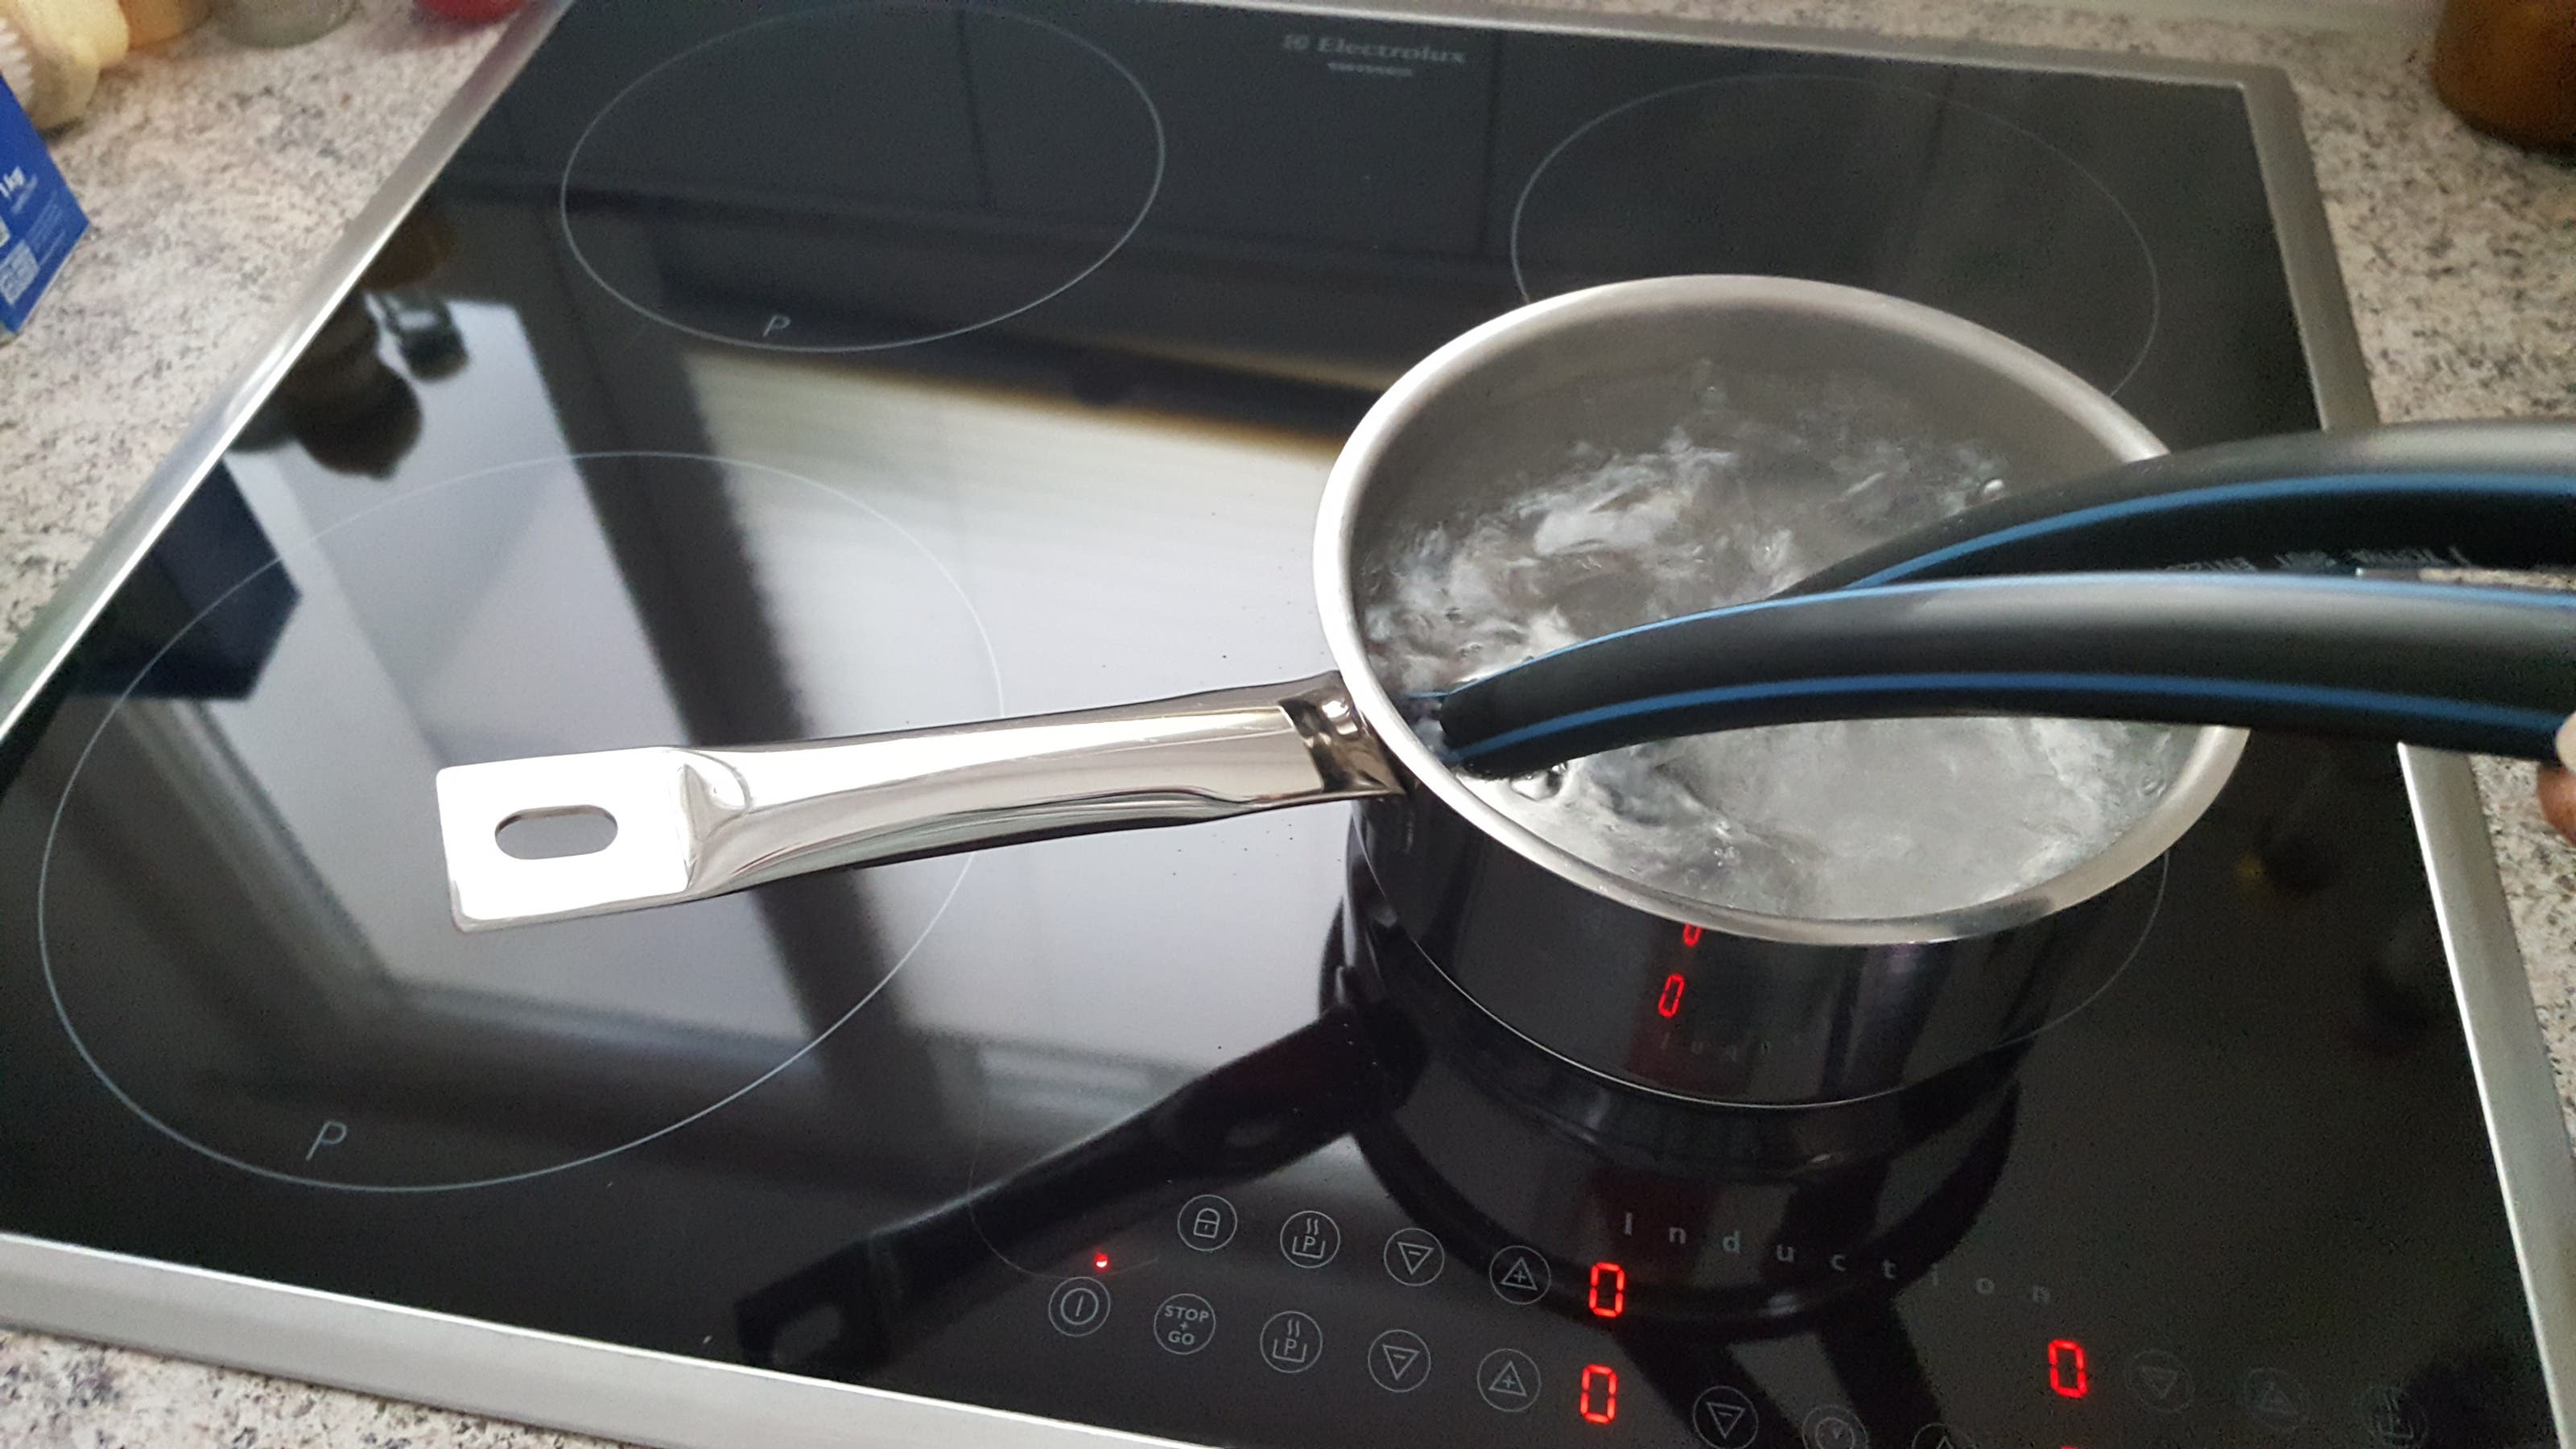 Die Schlauchenden kurz in kochendes Wasser tauchen, bevor Sie das Verbindungsstück anbringen. Alternativ geht auch ein Stück Holz mit zwei Schrauben. (Bild: sam)